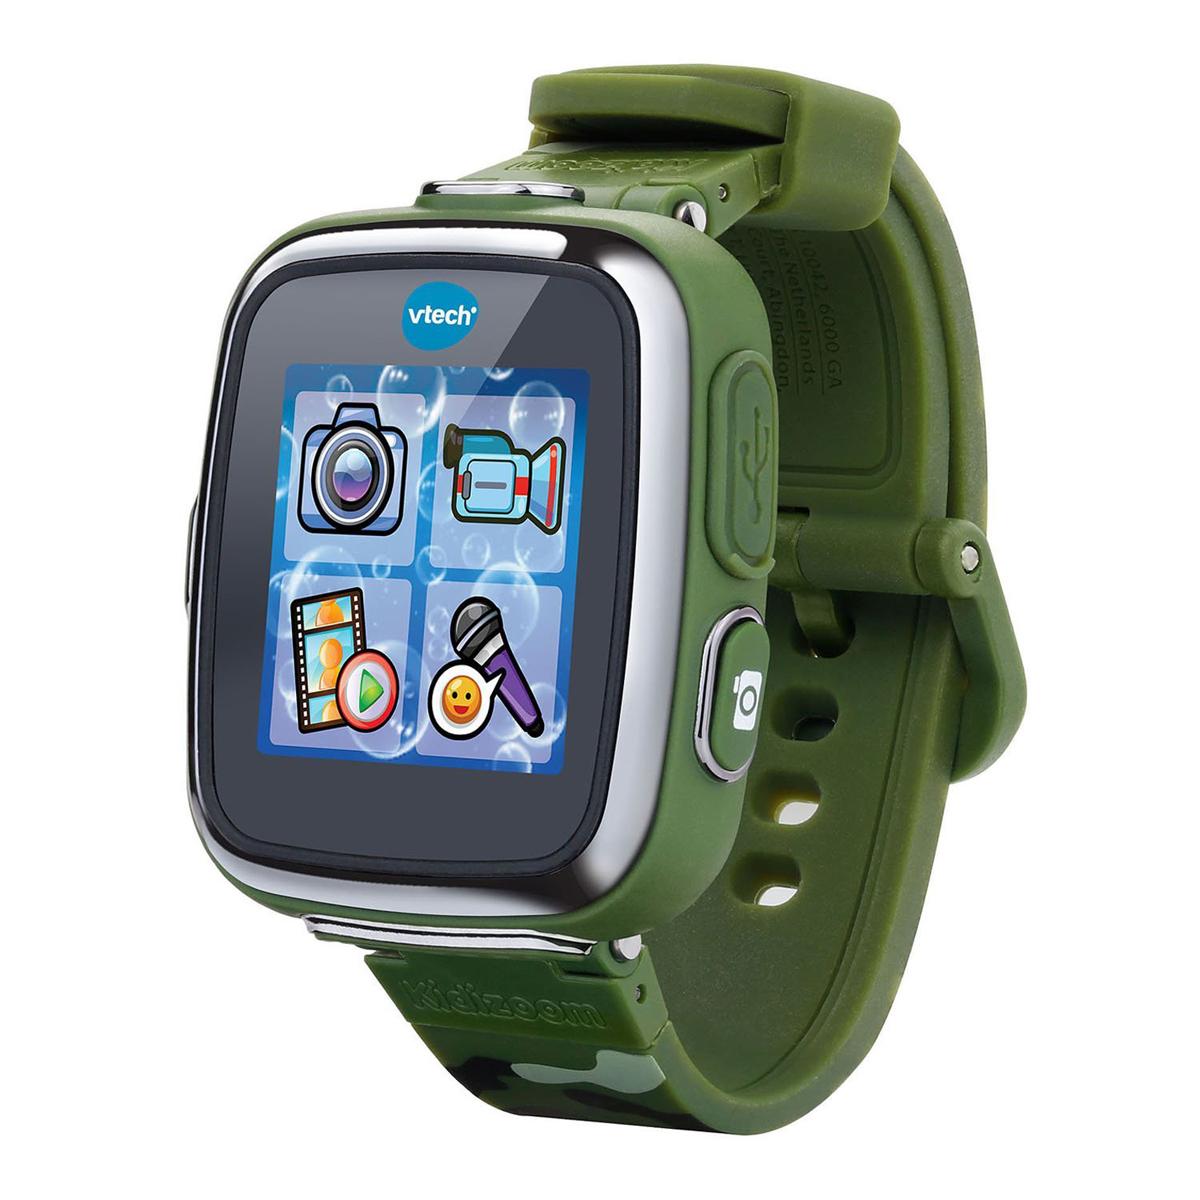 Vtech Детские наручные часы Kidizoom SmartWatch DX цвет камуфляж - Интерактивные игрушки